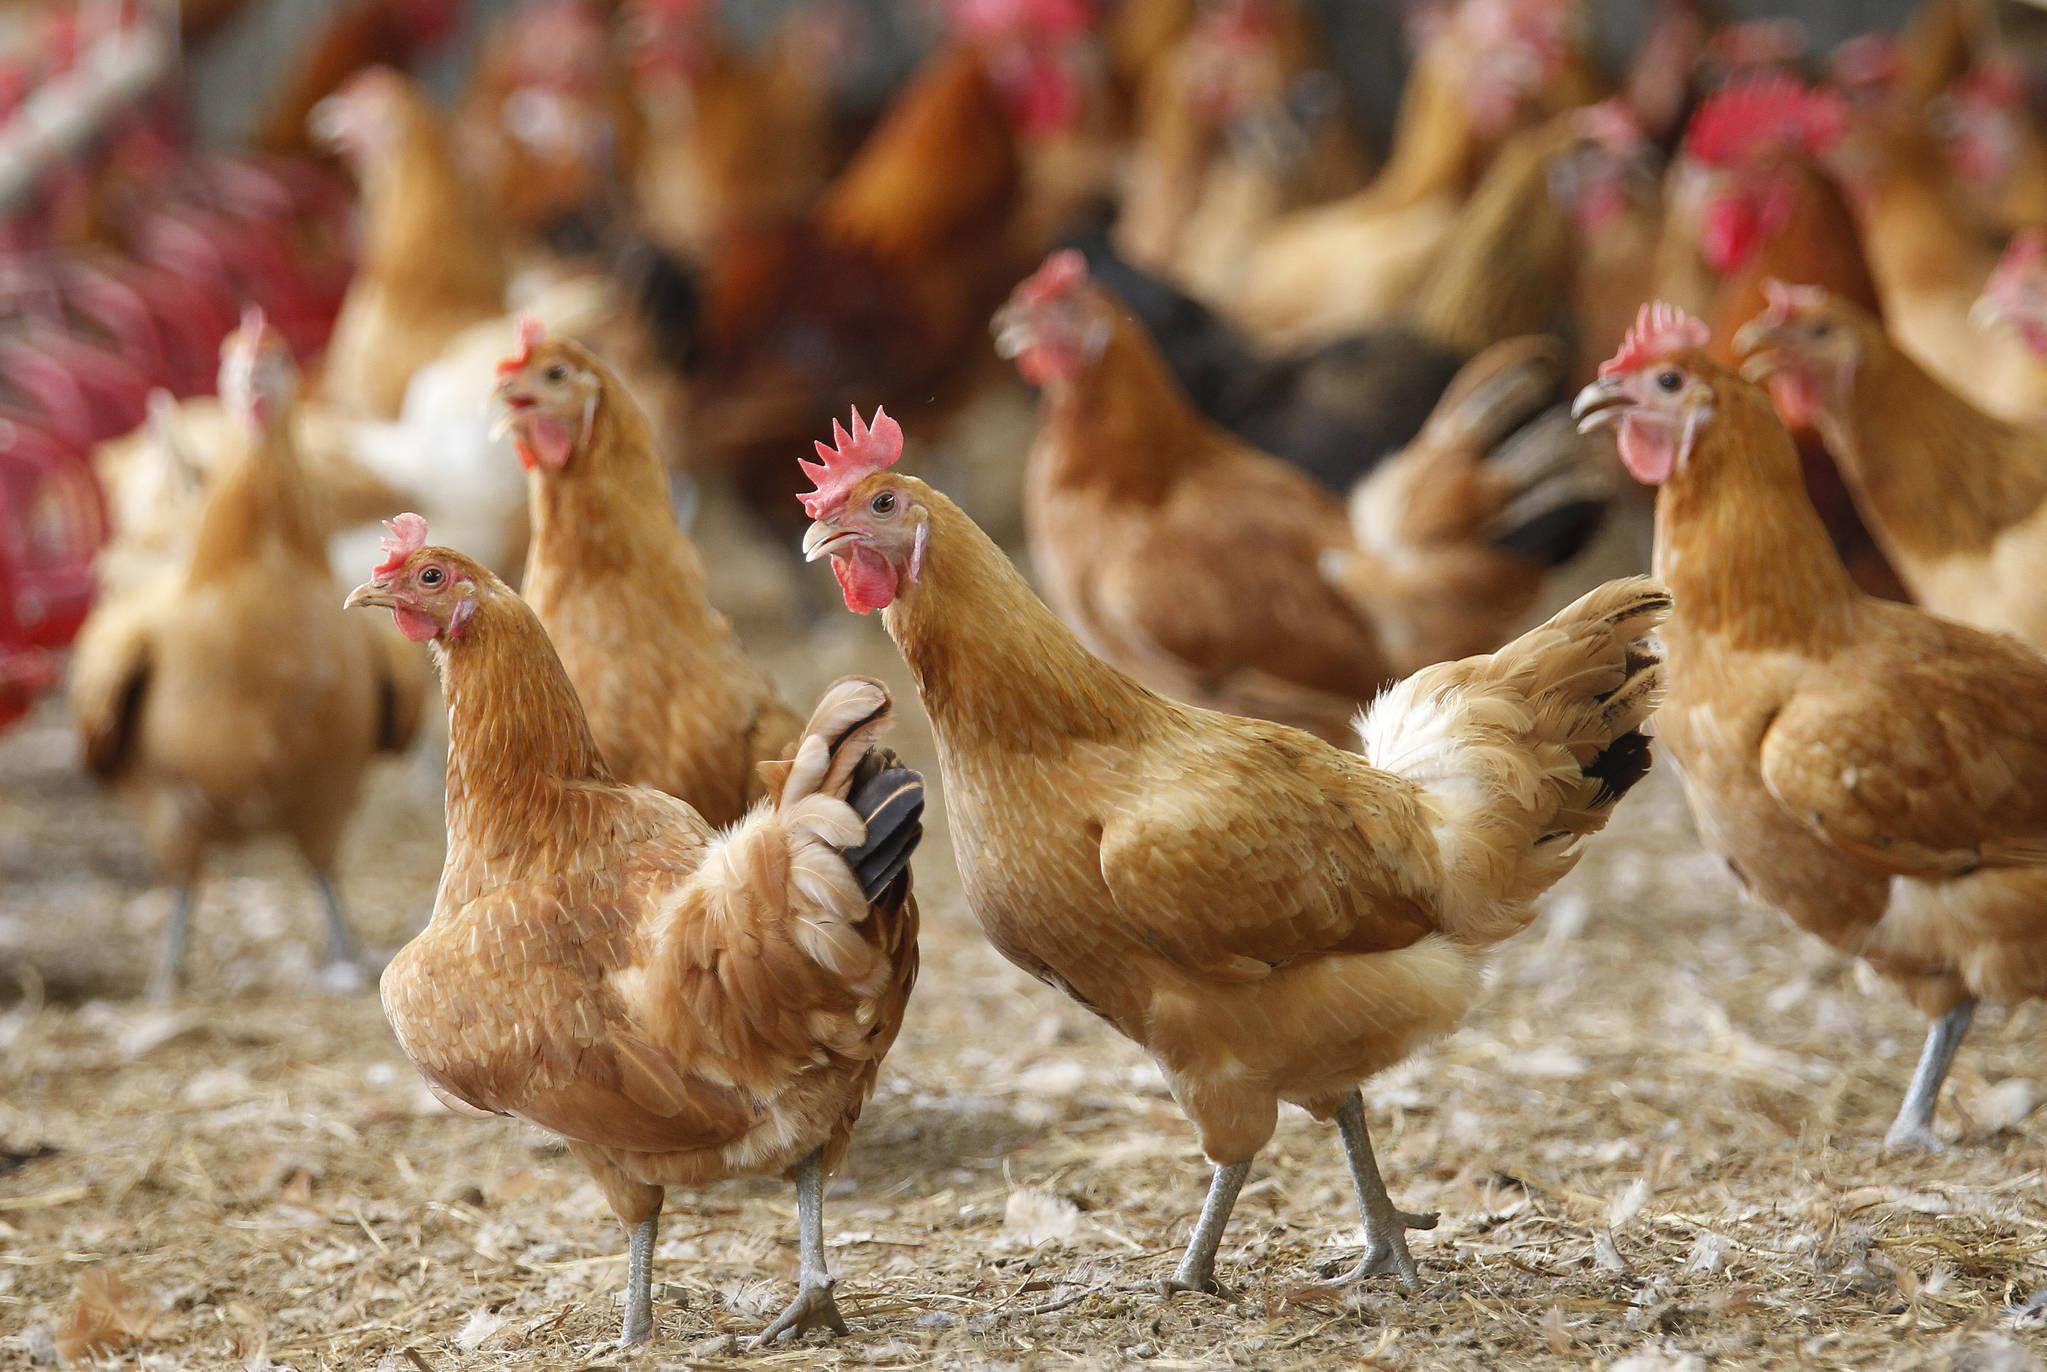 계란에서 DDT 성분이 검출됐던 경북 영천시 도동의 한 재래닭 사육농장. 이곳에서는 닭과 토양에서도 DDT 성분이 검출돼 DDT 오염 원인을 둘러싸고 의문이 커지고 있다. 프리랜서 공정식